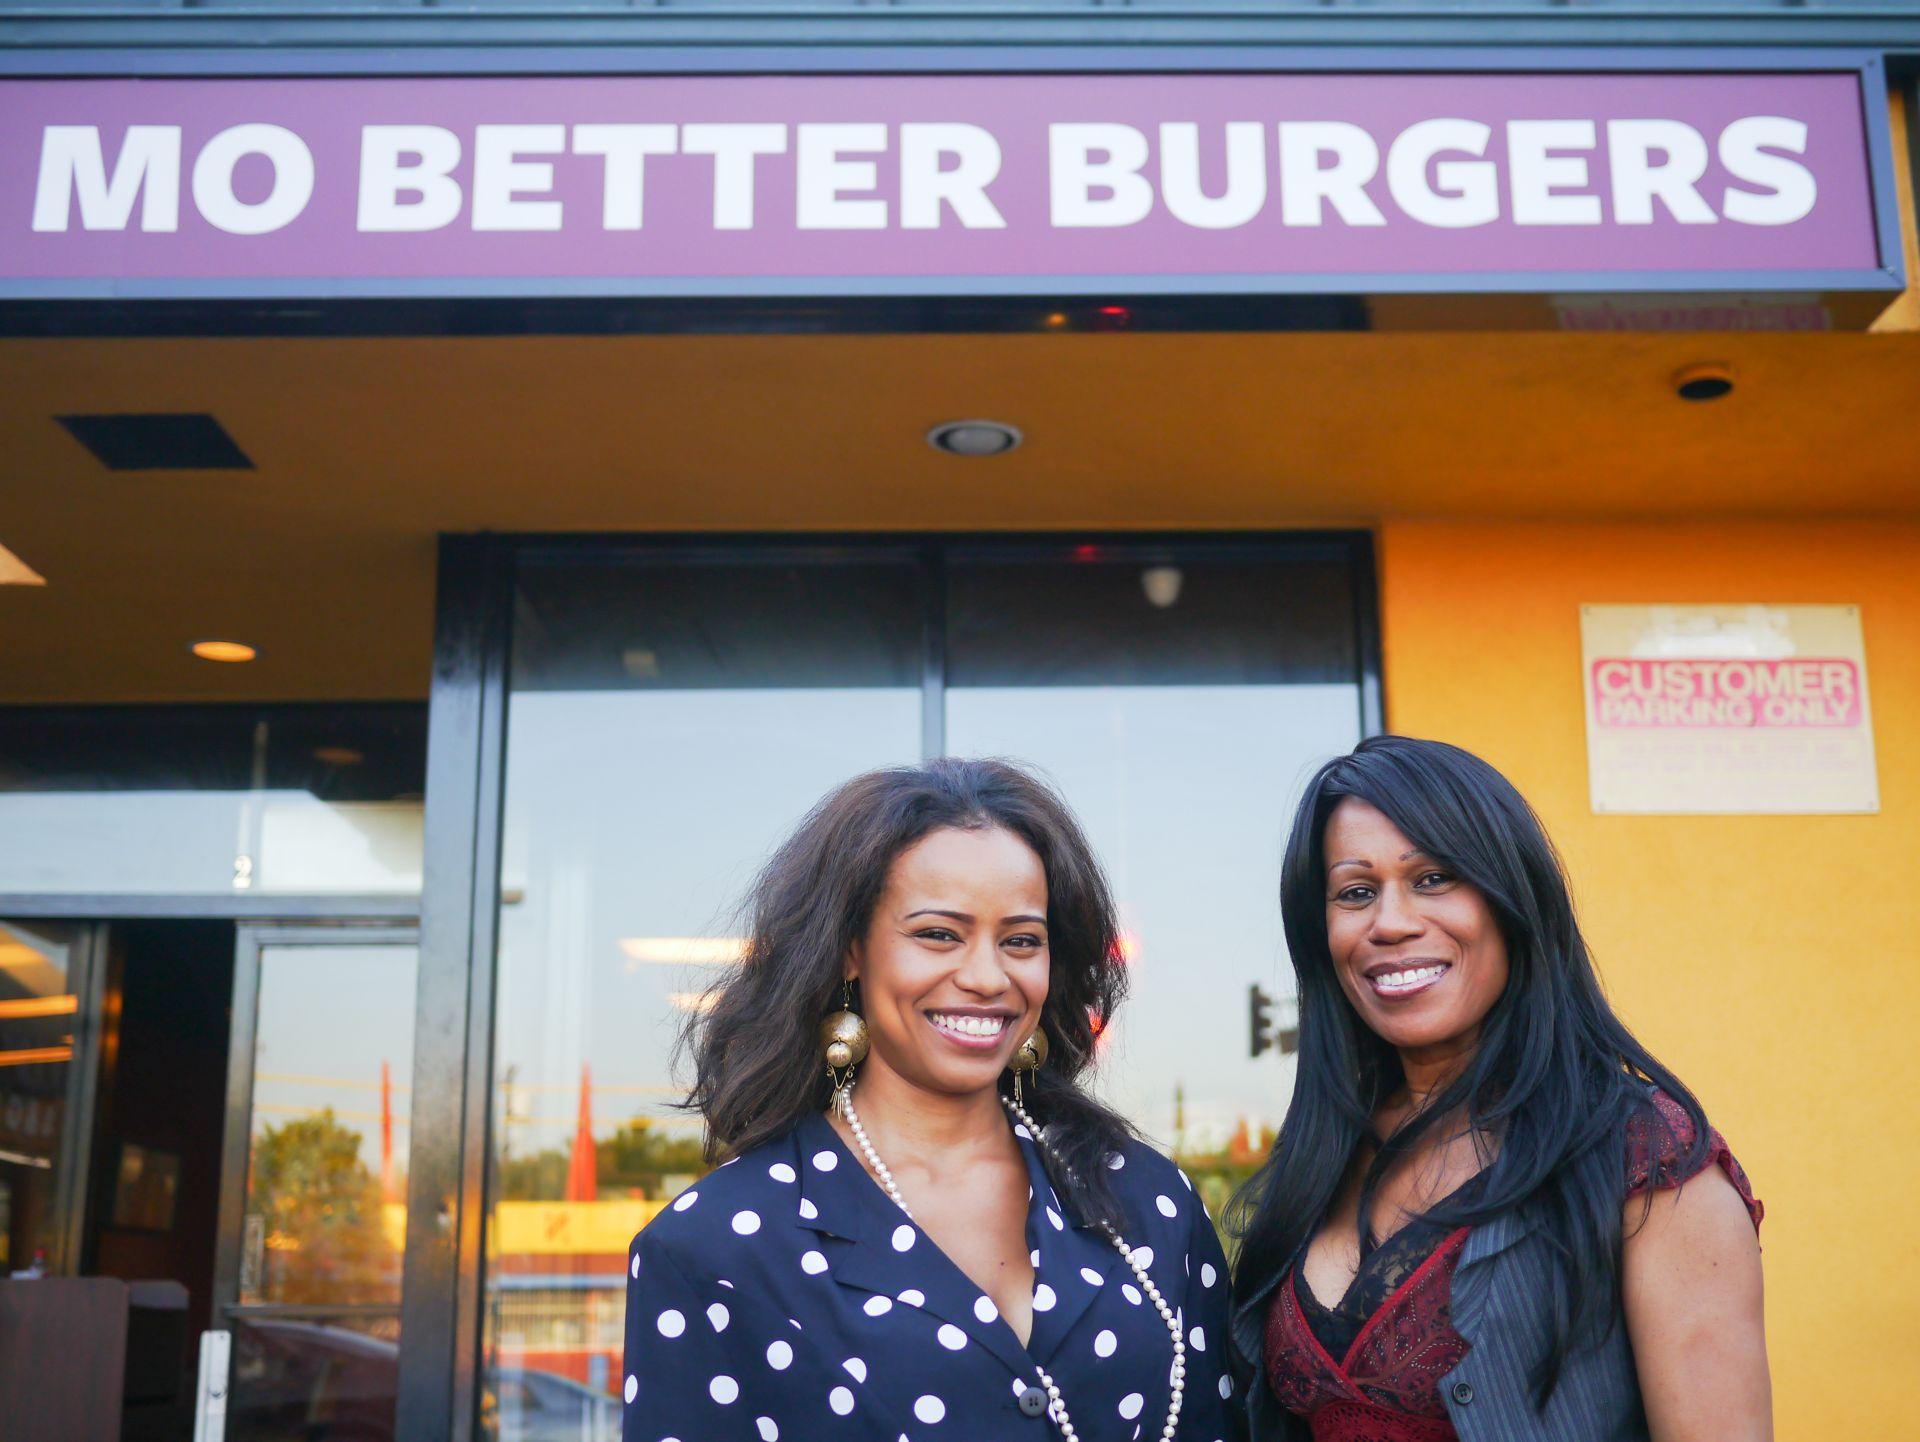 Mo Better Burgers Eve Fouche, Tami Bennett